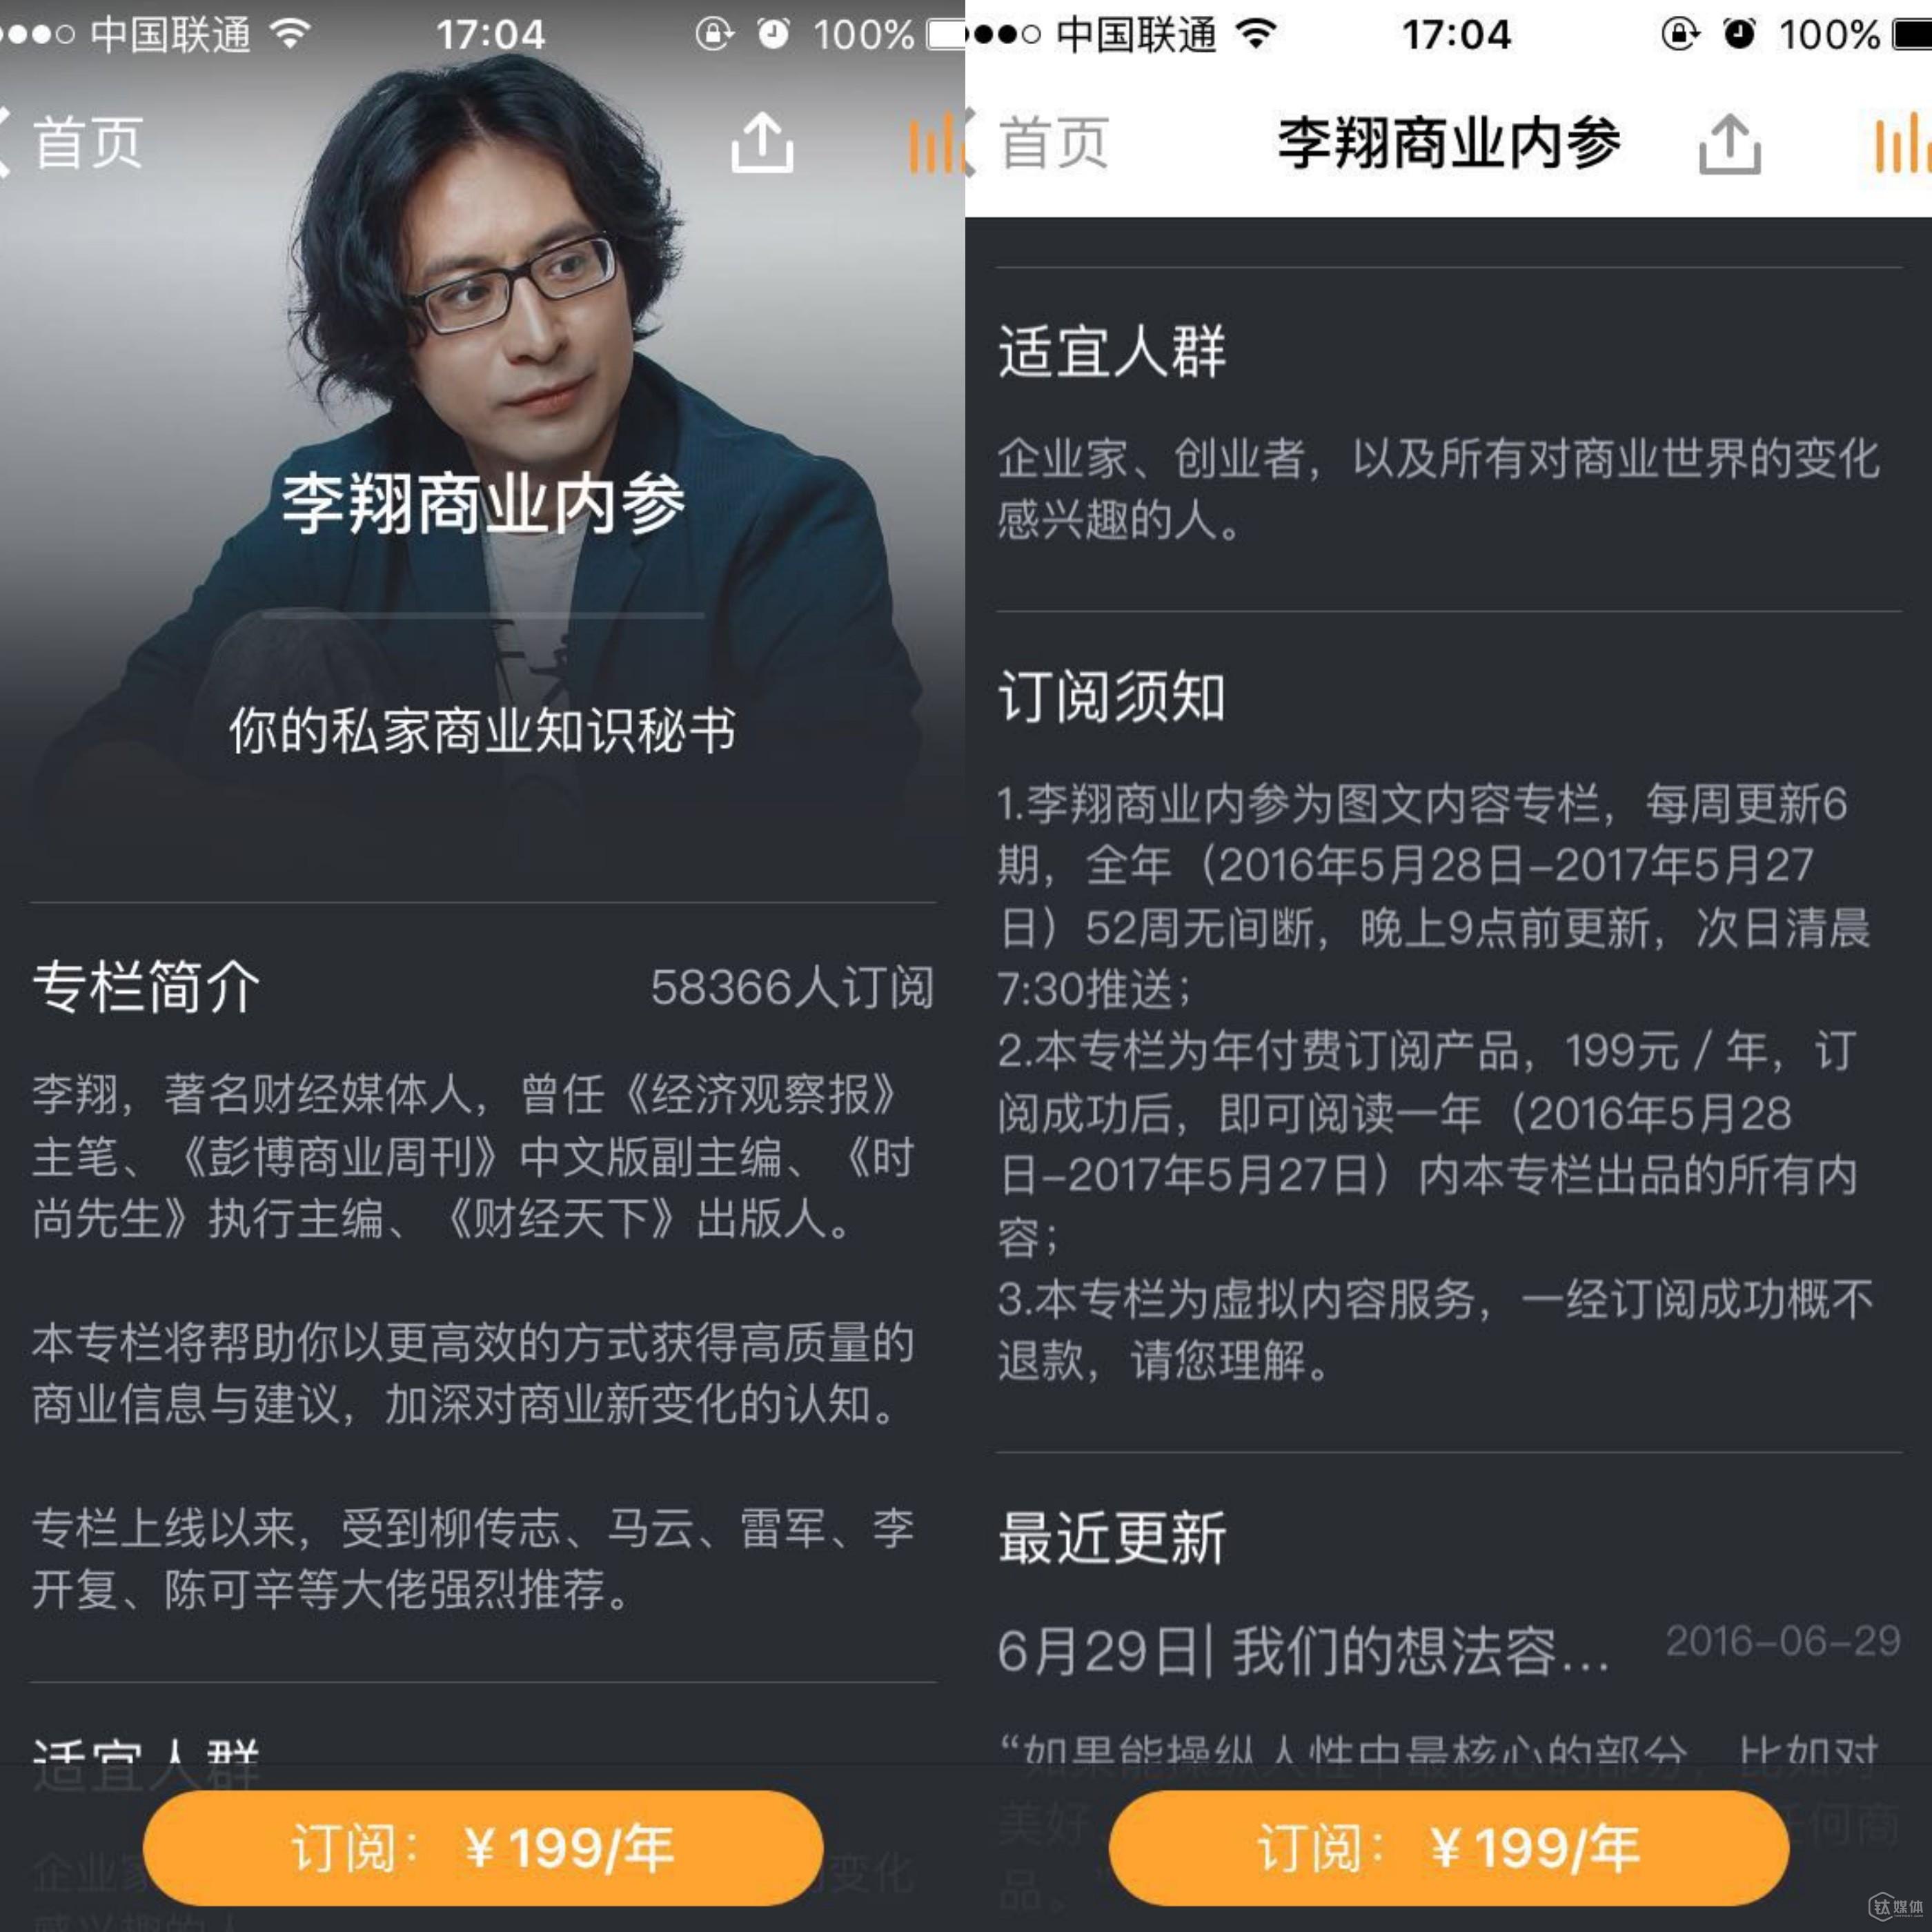 《李翔的商业内参》的介绍页面